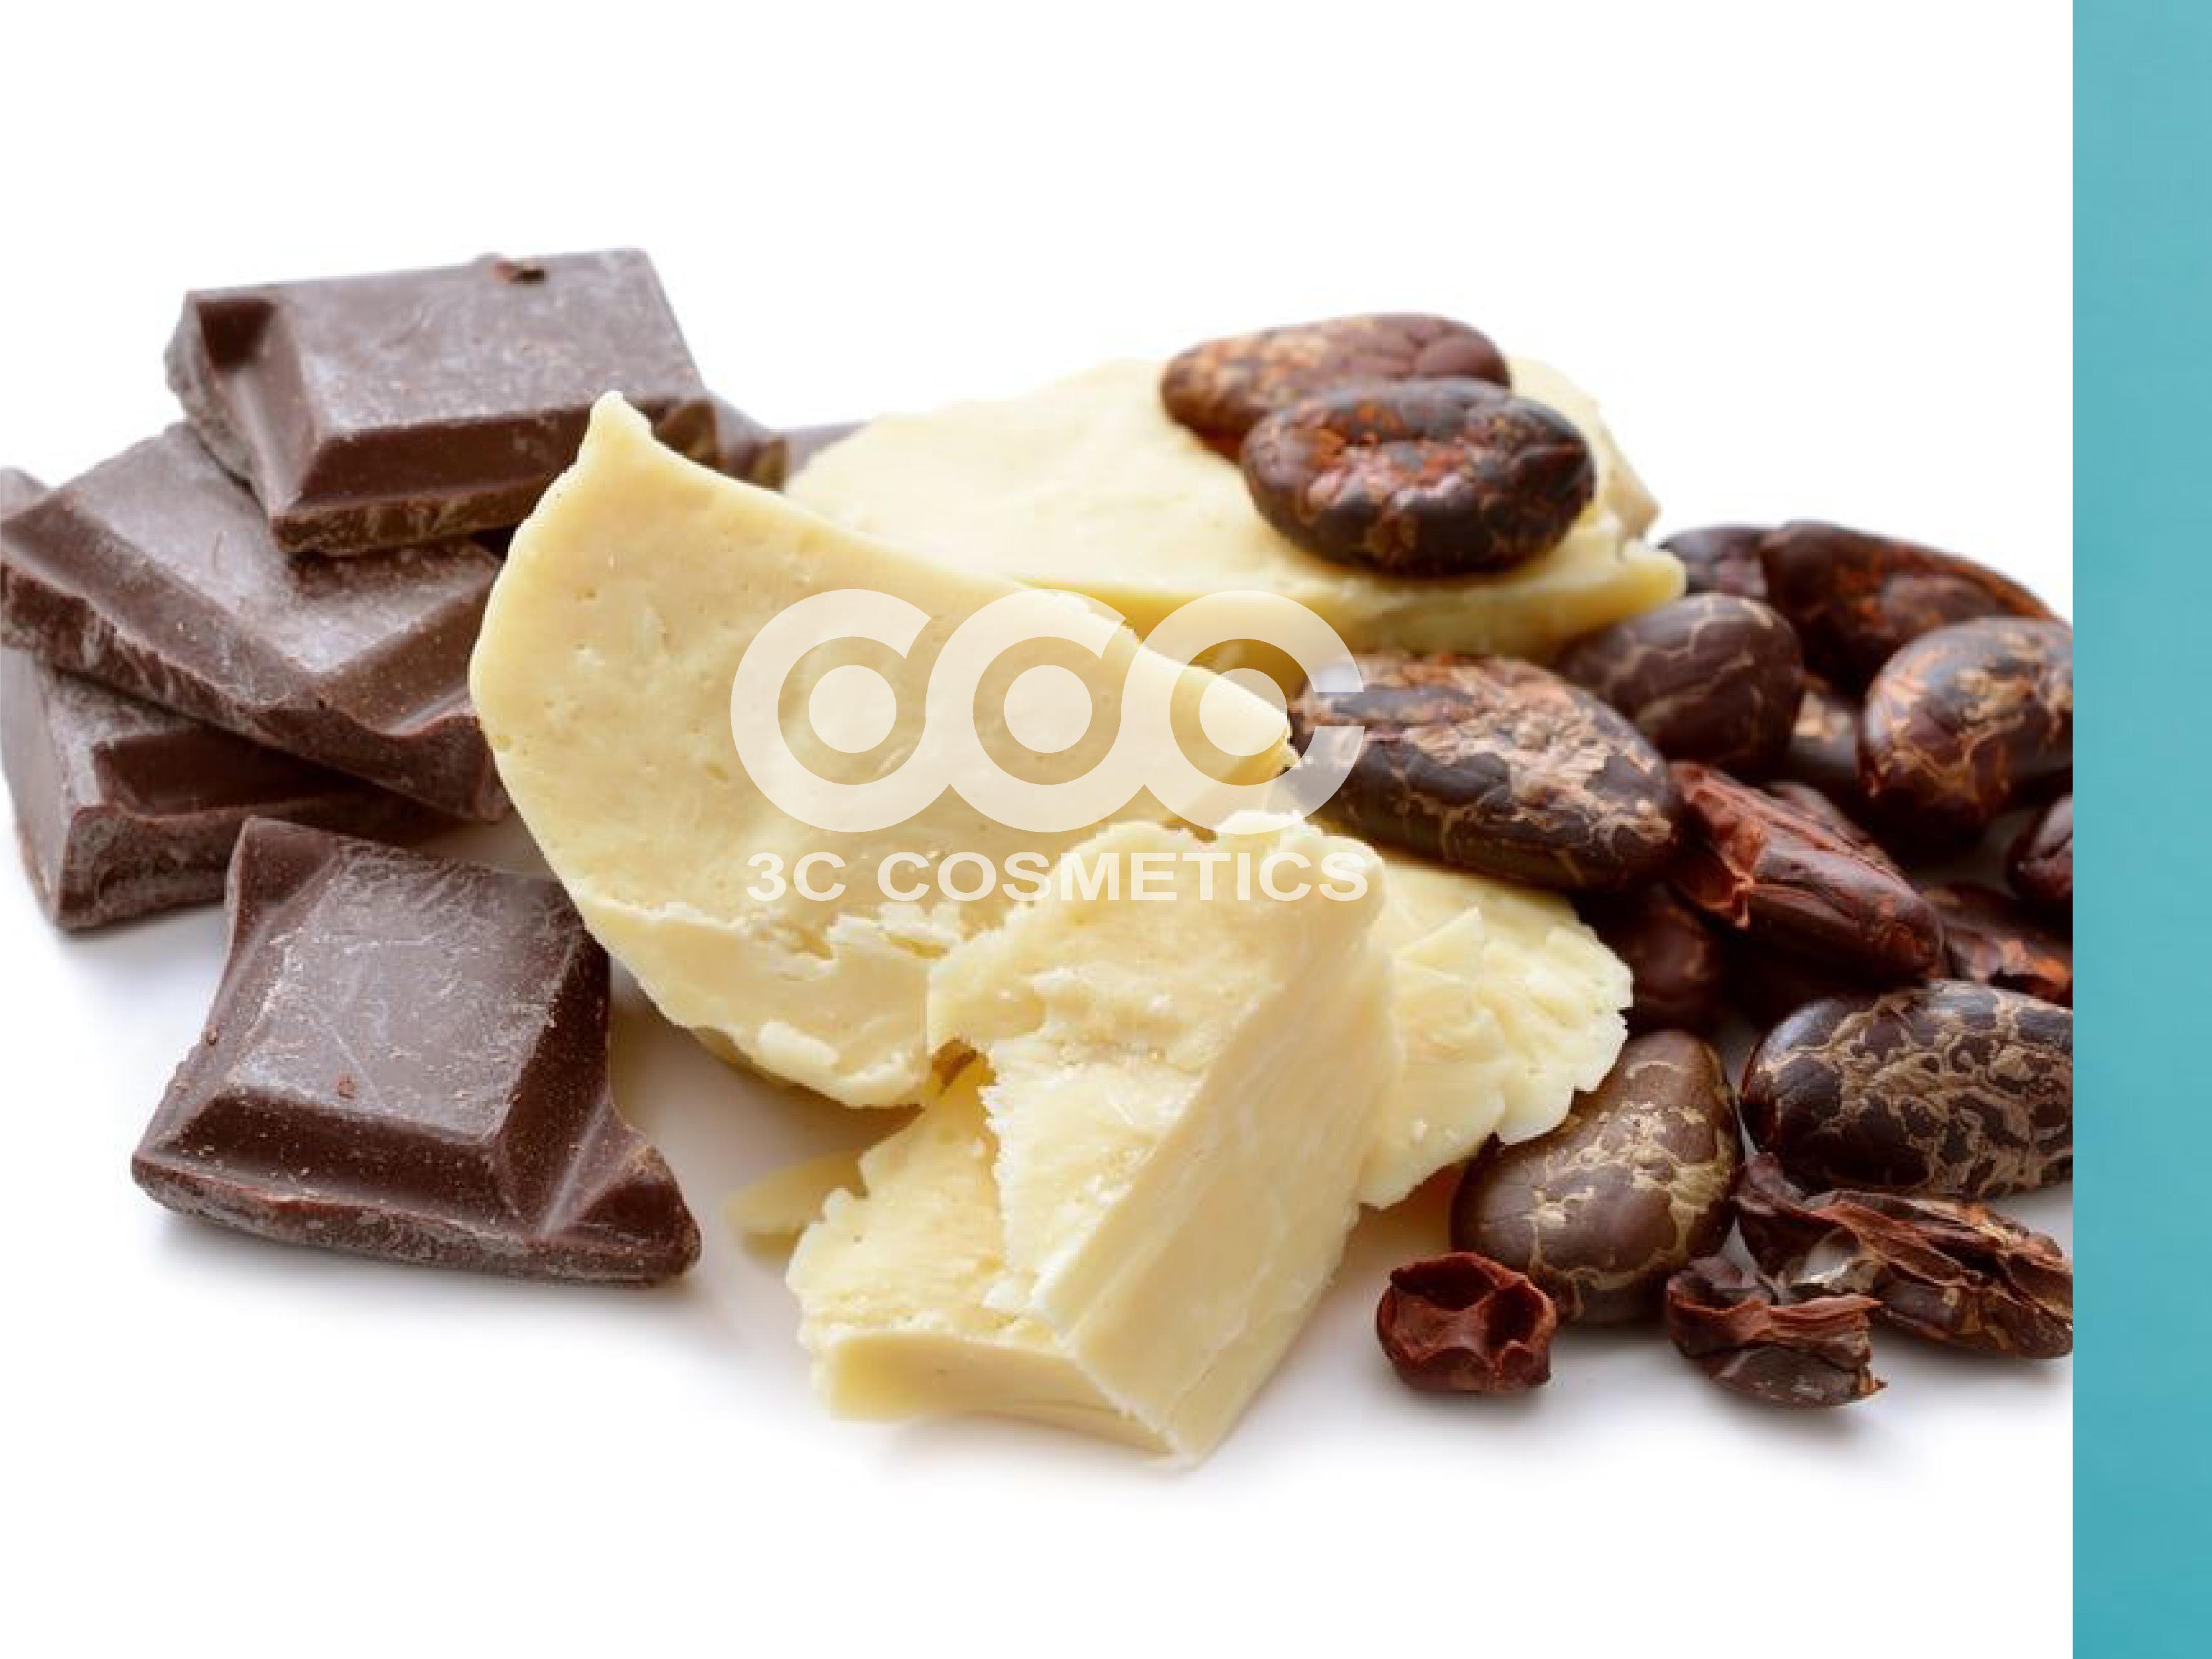 Bơ cacao màu vàng nhạt, hương thơm đặc trưng